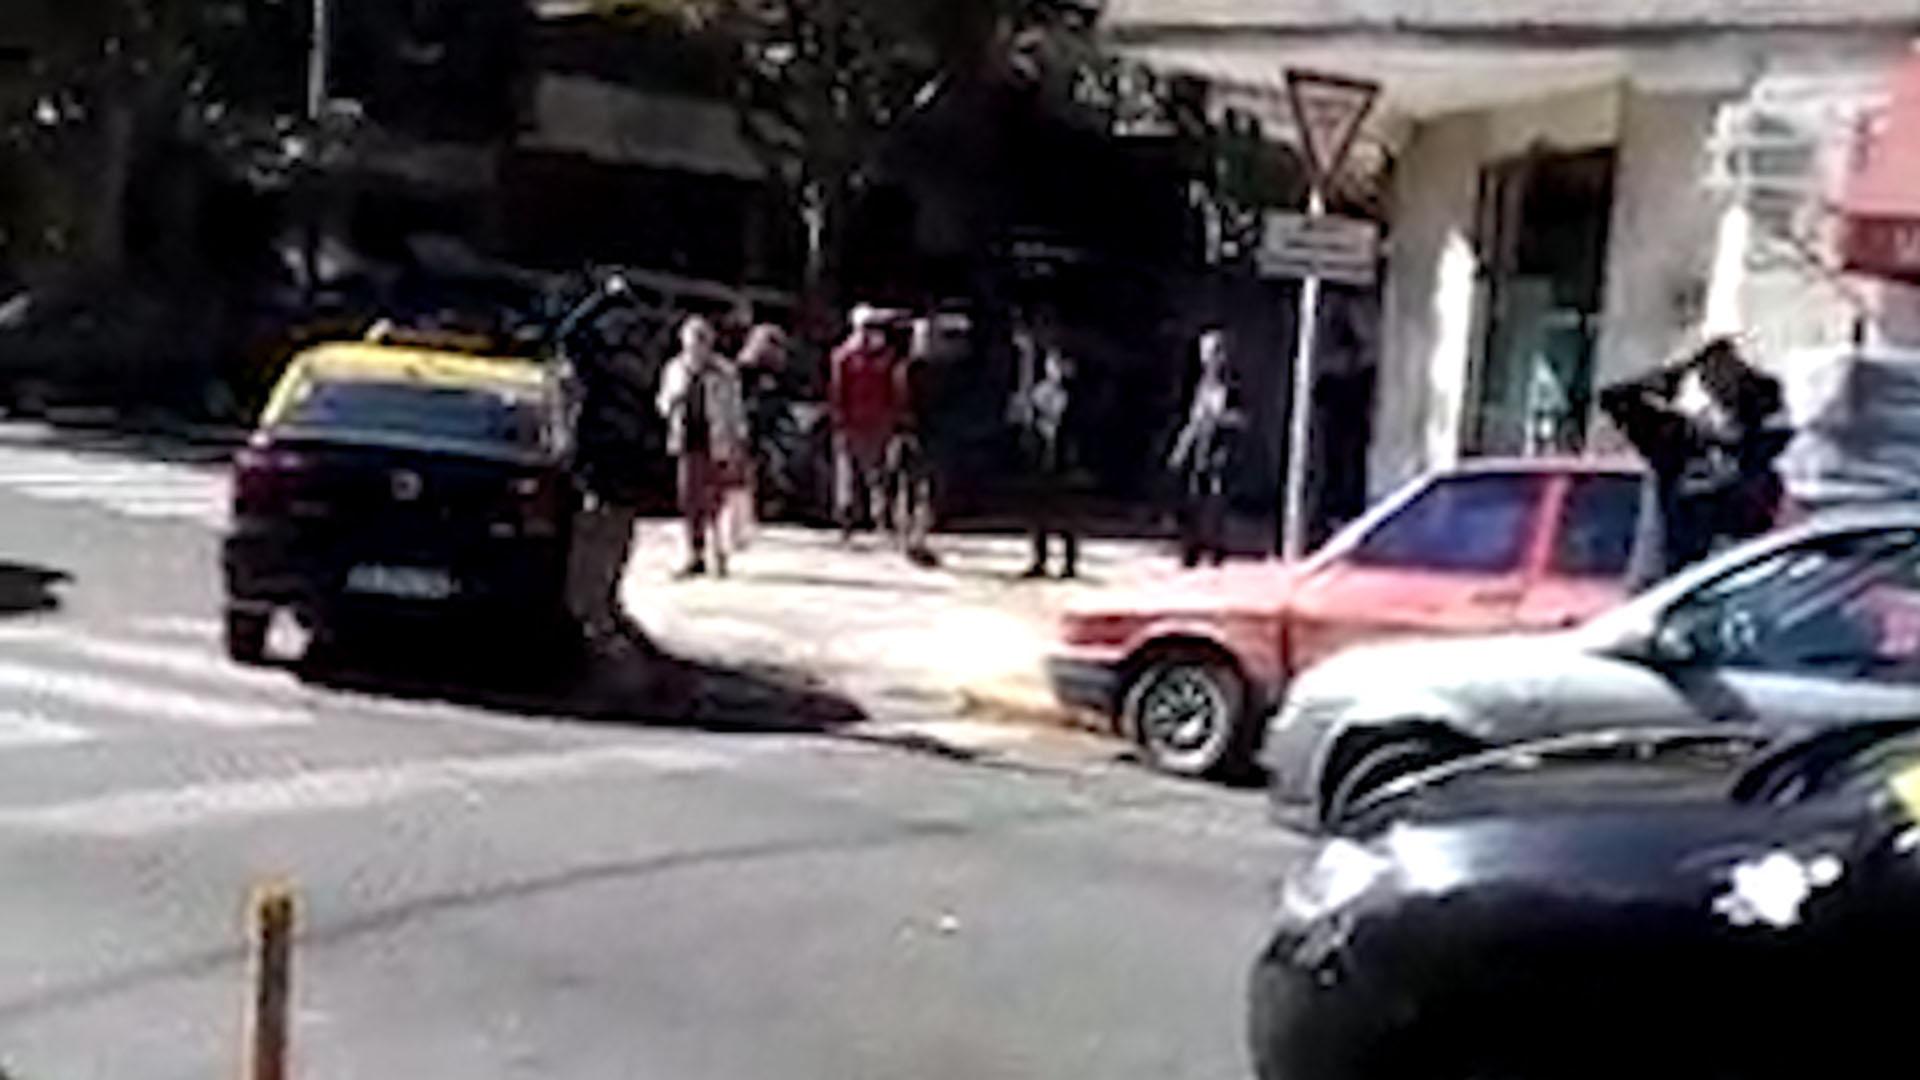 Previo a retirarse, el taxista regresó marcha atrás e impactó su vehículo contra la parte frontal del otro